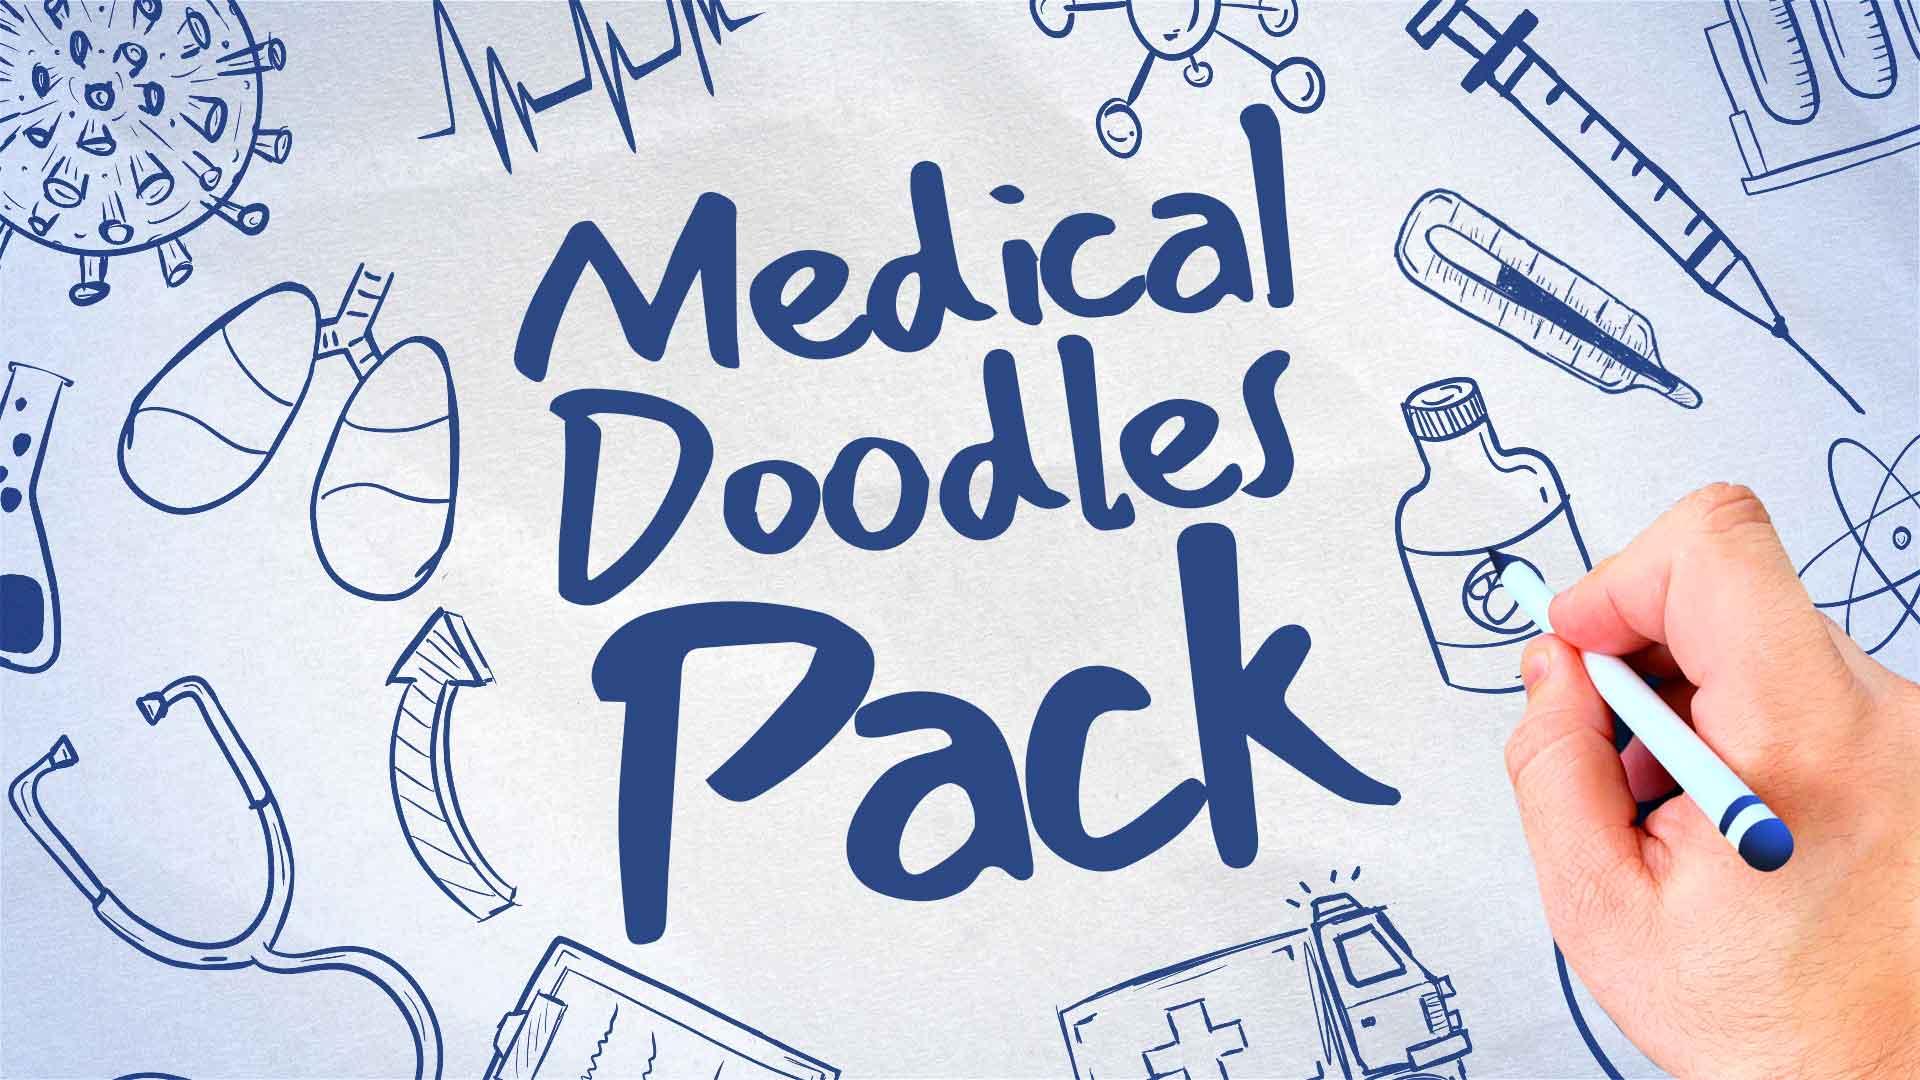 Medical Doodles Pack